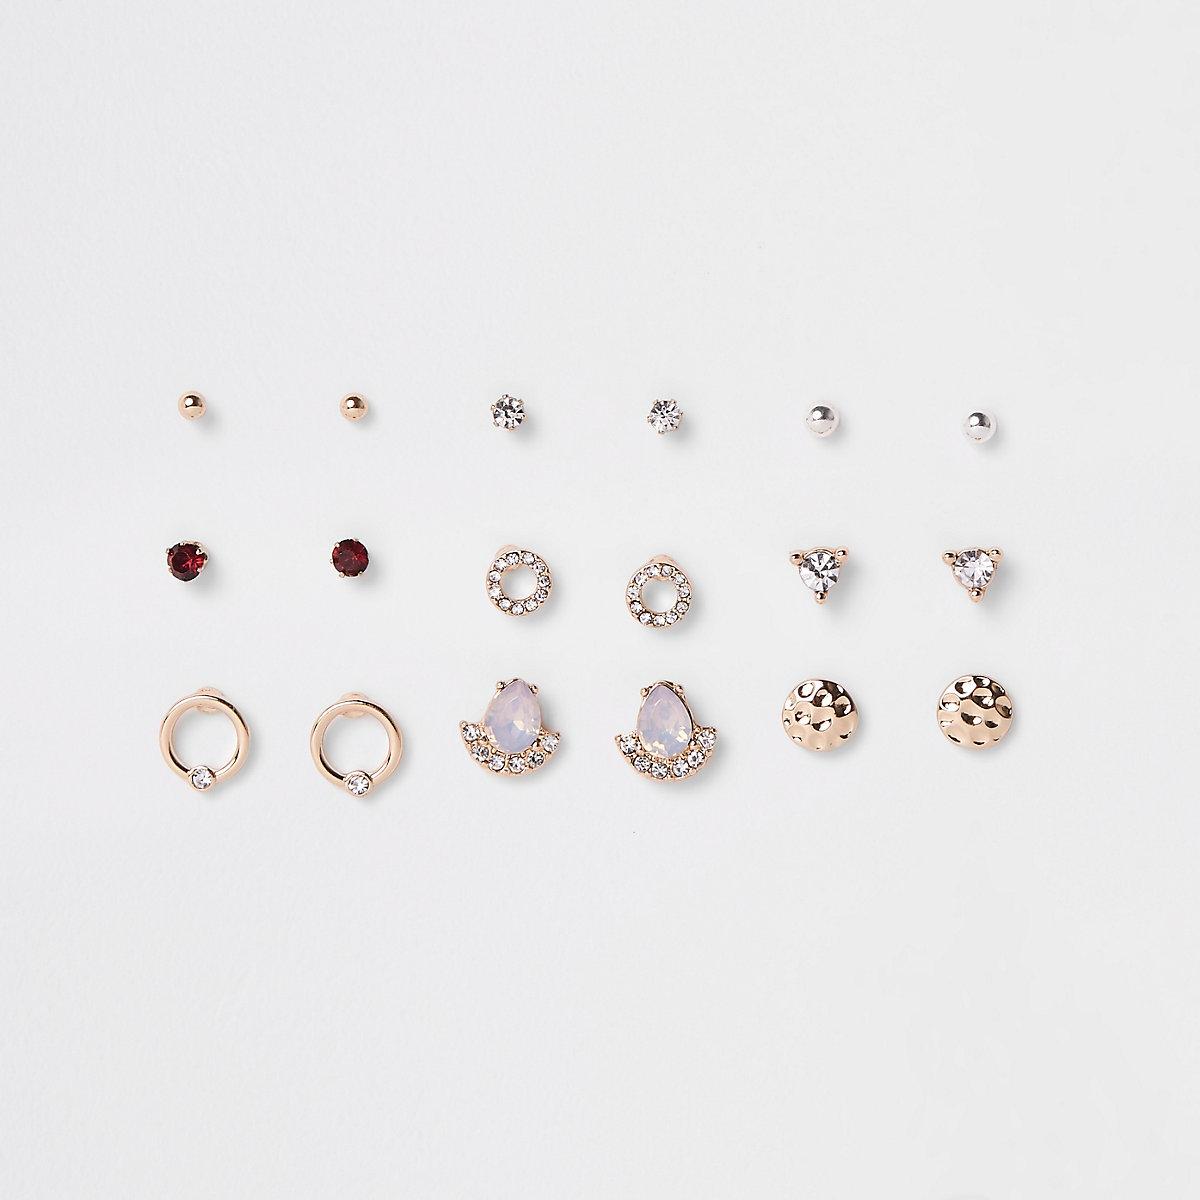 Gold tone opal rhinestone stud earrings pack